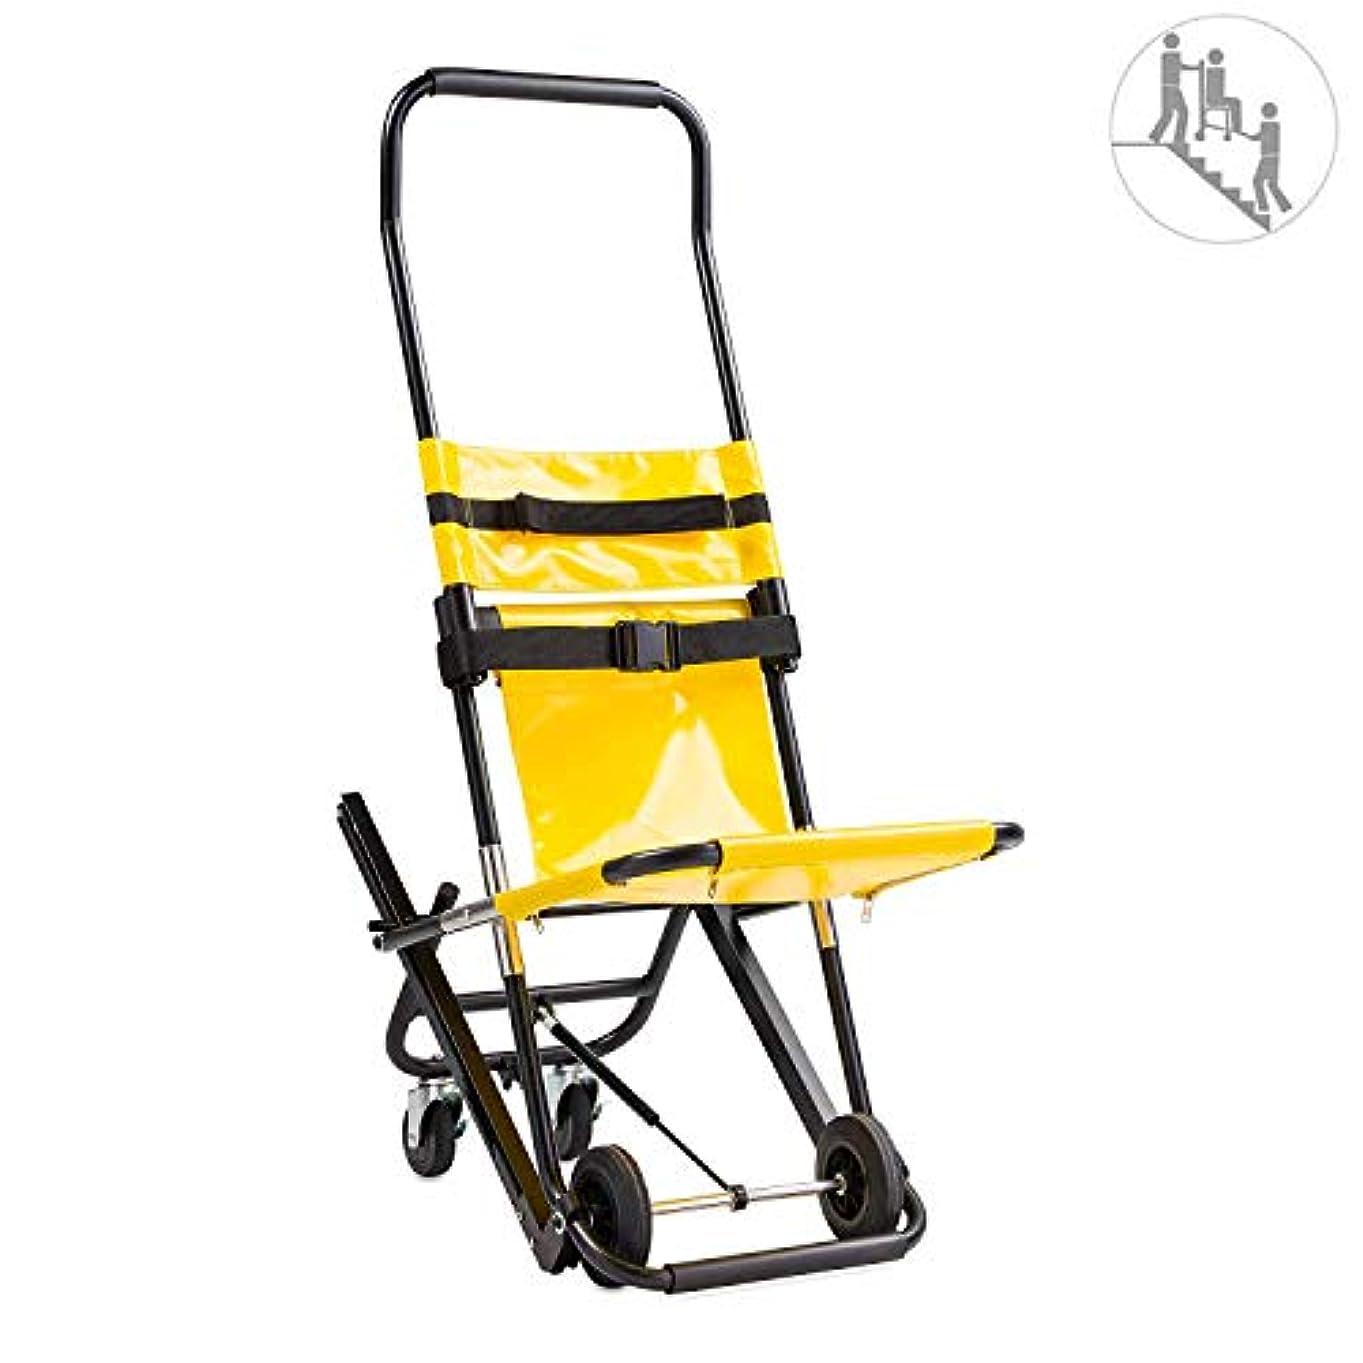 朝の体操をするスタックチャネル折りたたみ式追跡階段椅子4つの車輪を使ってアルミ製軽量医療補助器具クイックリリースバックル付き高齢者向け、障害者向け